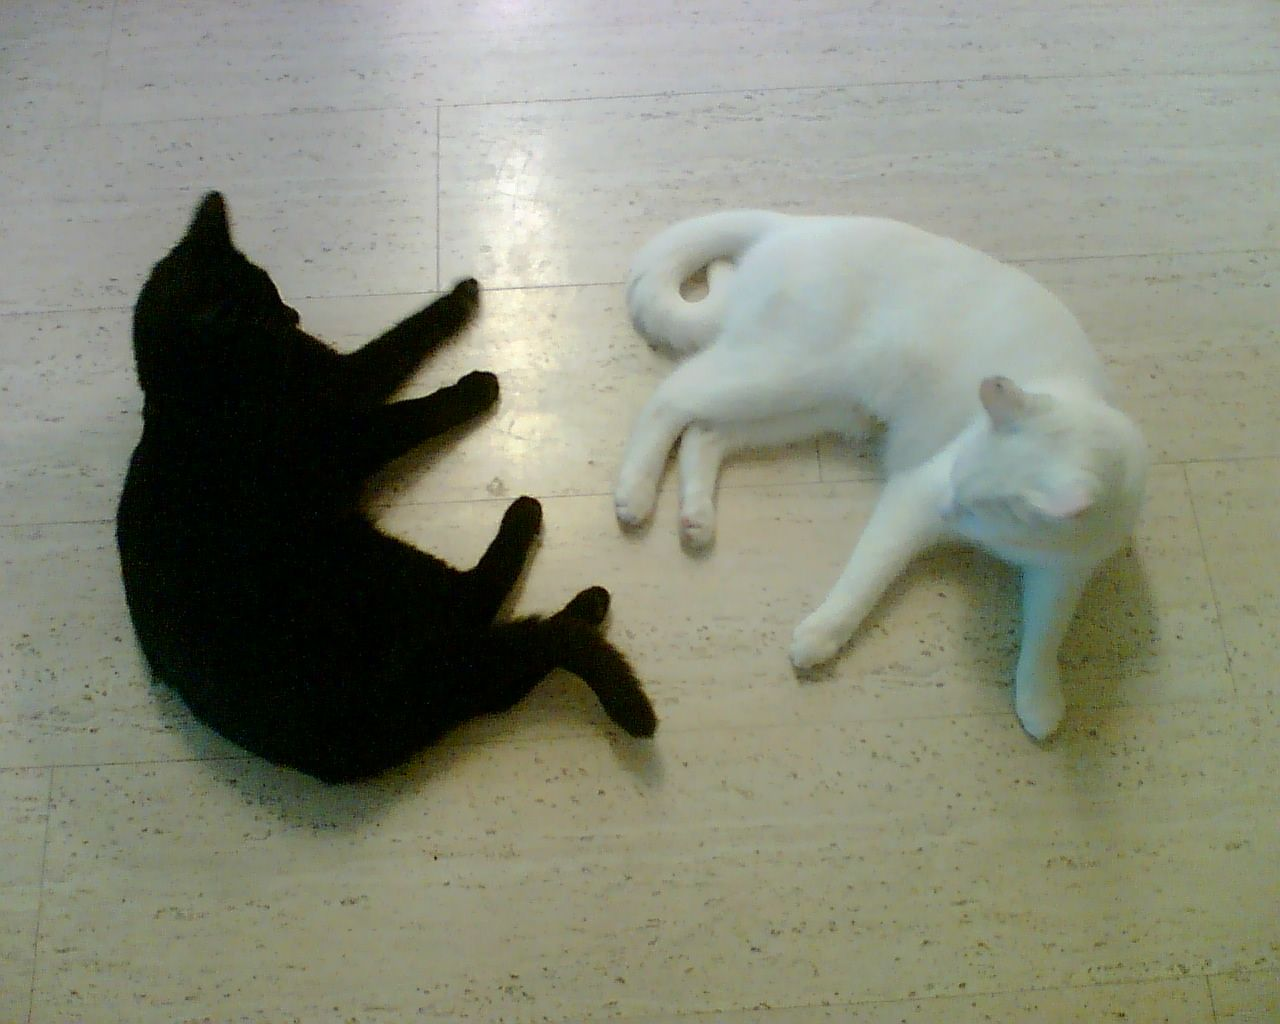 Resultado de imagen para cat black with cat white